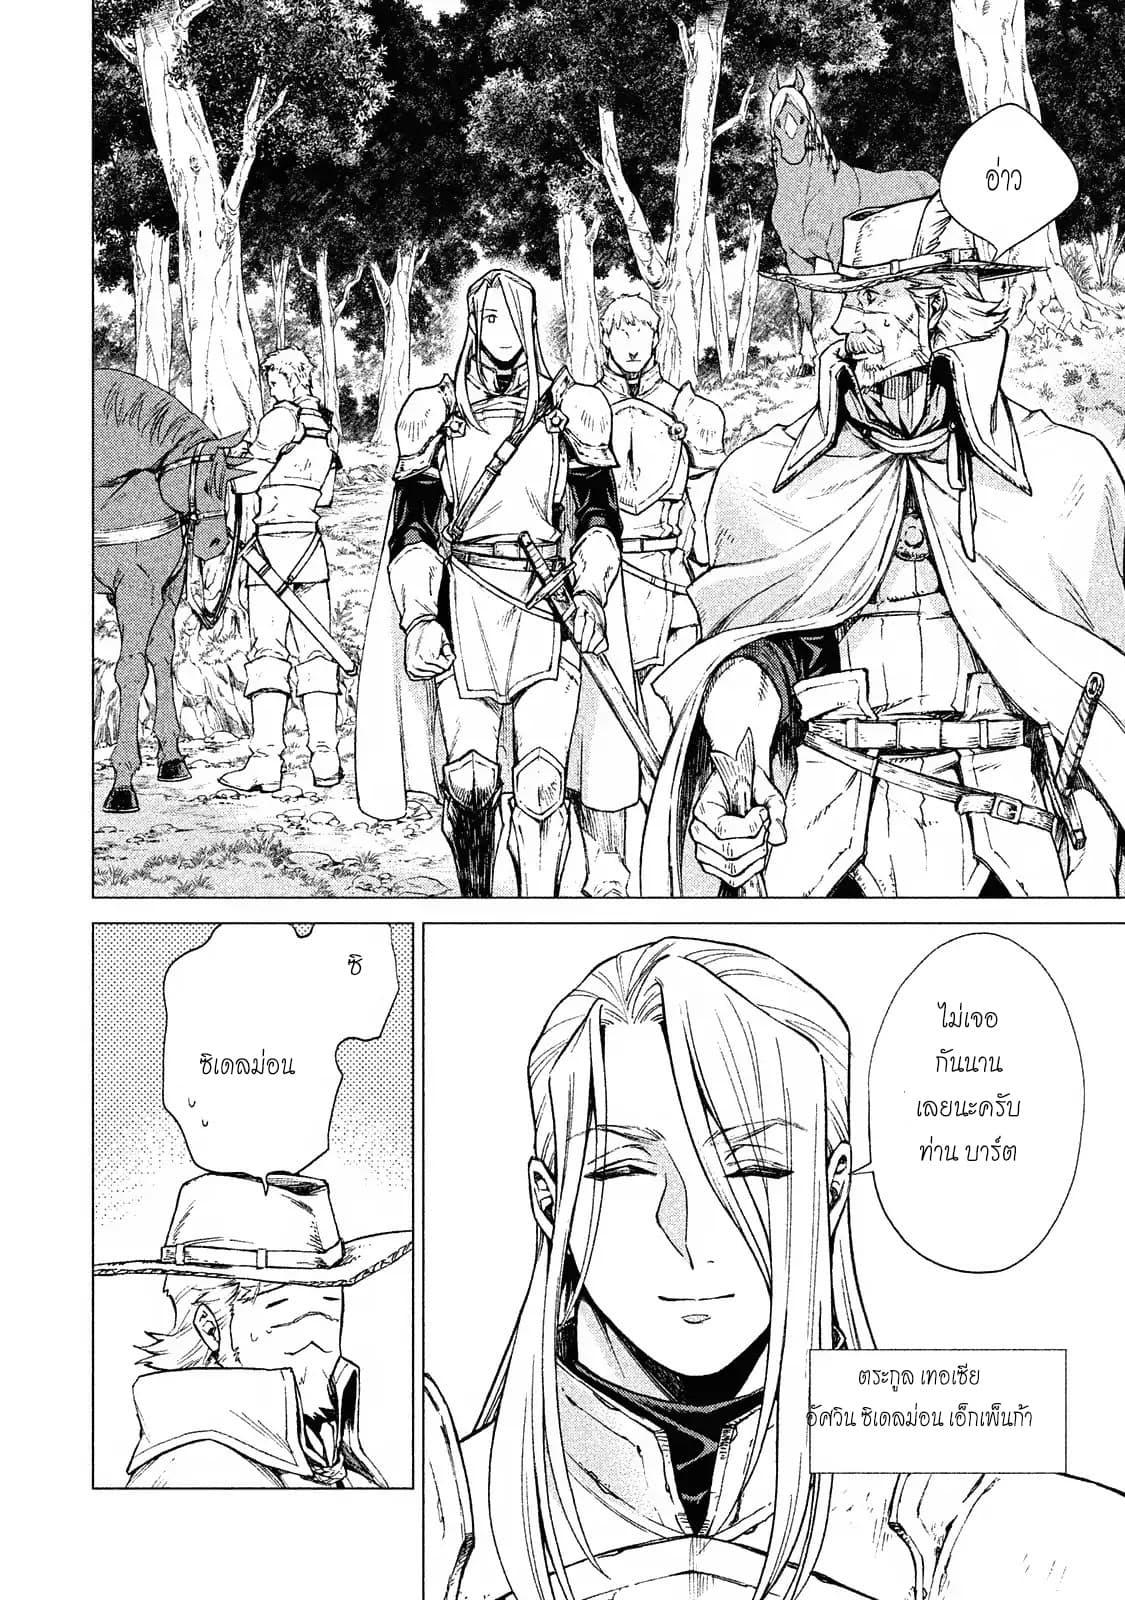 อ่านการ์ตูน Henkyou no Roukishi - Bard Loen ตอนที่ 2 หน้าที่ 4